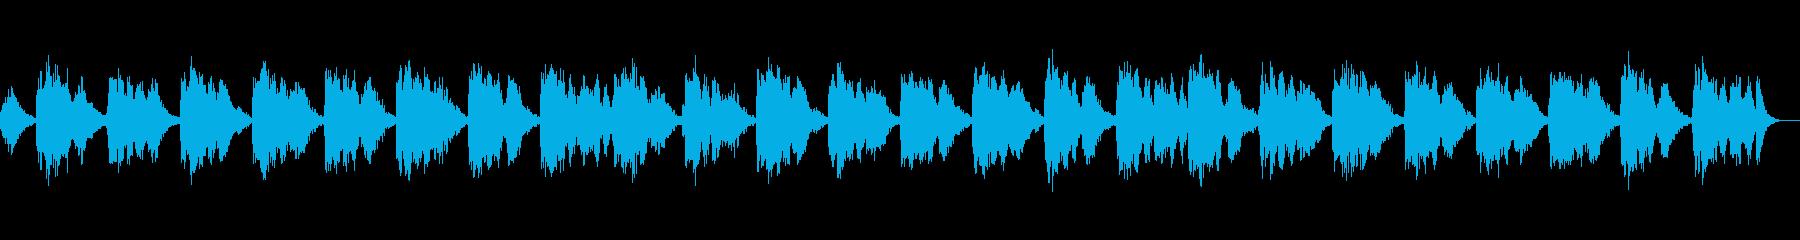 ゆったりとお部屋に漂う癒やしの音楽の再生済みの波形